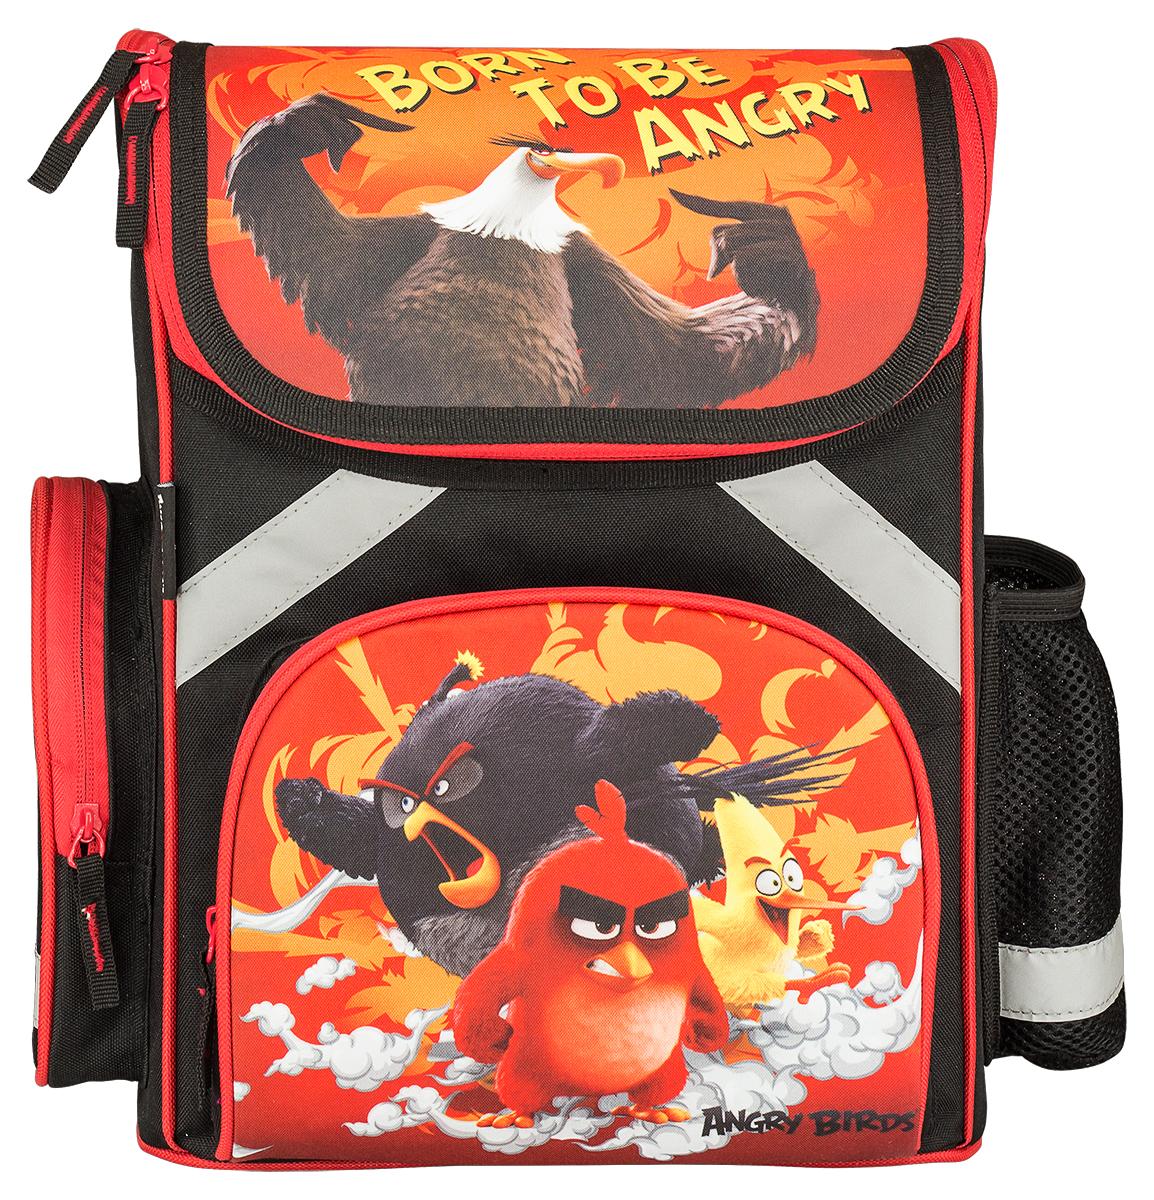 Kinderline Ранец школьный Angry Birds72523WDРанец школьный Kinderline Angry Birds выполнен из качественного полиэстера. Ранец оформлен яркими рисунками по мотивам мультсериала Angry Birds. Ранец имеет одно основное отделение, закрывающееся на застежку-молнию. Внутри отделения расположены два разделителя с утягивающей резинкой. На лицевой стороне ранца имеется накладной карман на молнии. По бокам ранца размещены два дополнительных накладных кармана, один на молнии и один открытый. Ортопедическая спинка, созданная по специальной технологии из дышащего материала, равномерно распределяет нагрузку на плечевые суставы и спину. Спинка и боковые панели усилены пластиком. Ранец оснащен текстильной петлей для подвешивания и двумя широкими лямками регулируемой длины. Лямки анатомической формы обтянуты воздухообменной сеткой.Многофункциональный школьный ранец станет незаменимым спутником вашего ребенка в походах за знаниями.